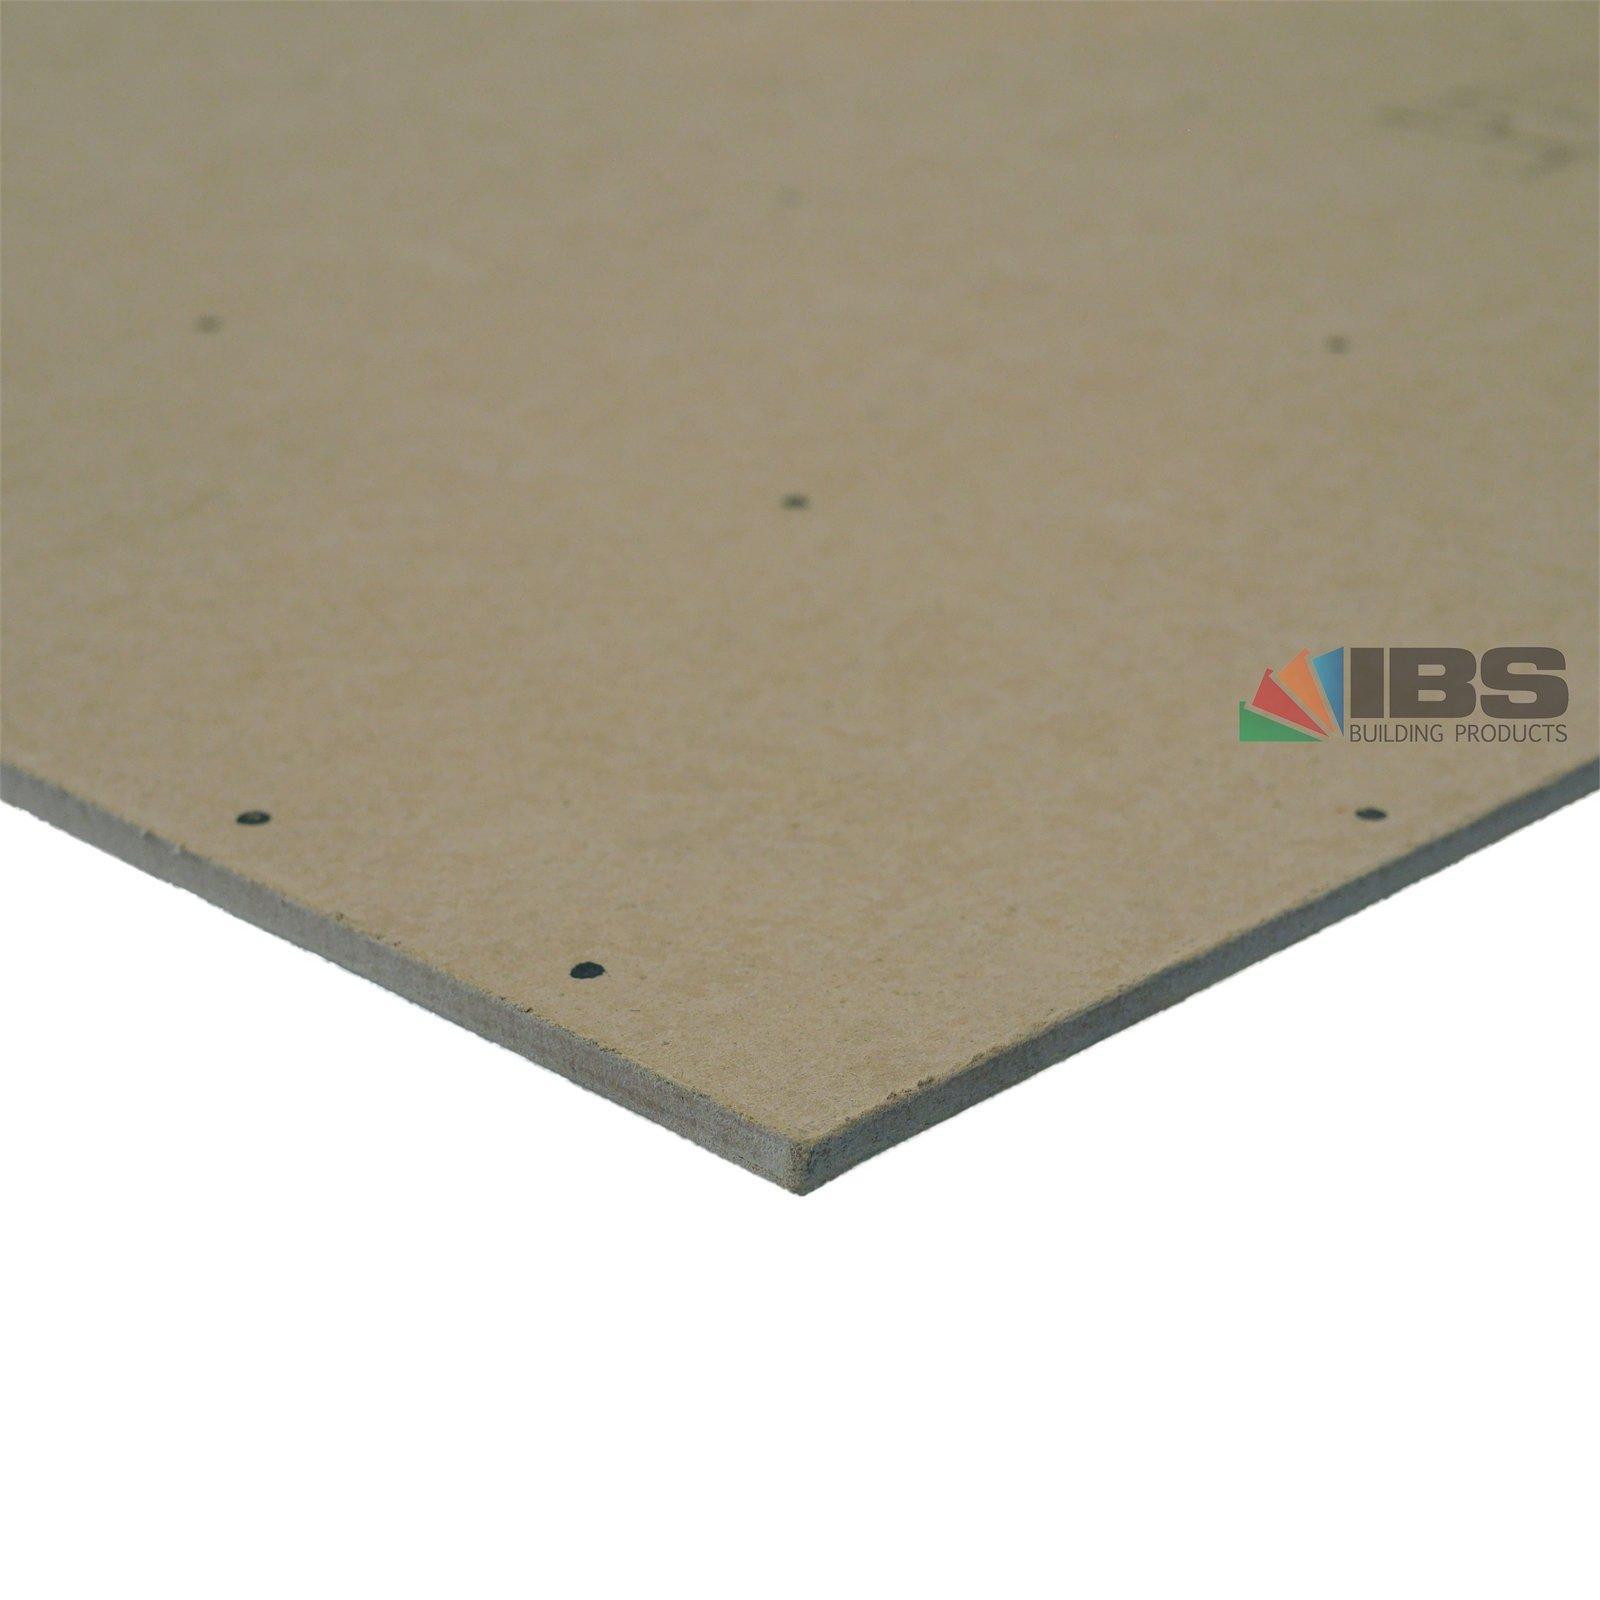 1800 x 900 x 6 0mm ibs prima ceramic tile underlay fibre cement board